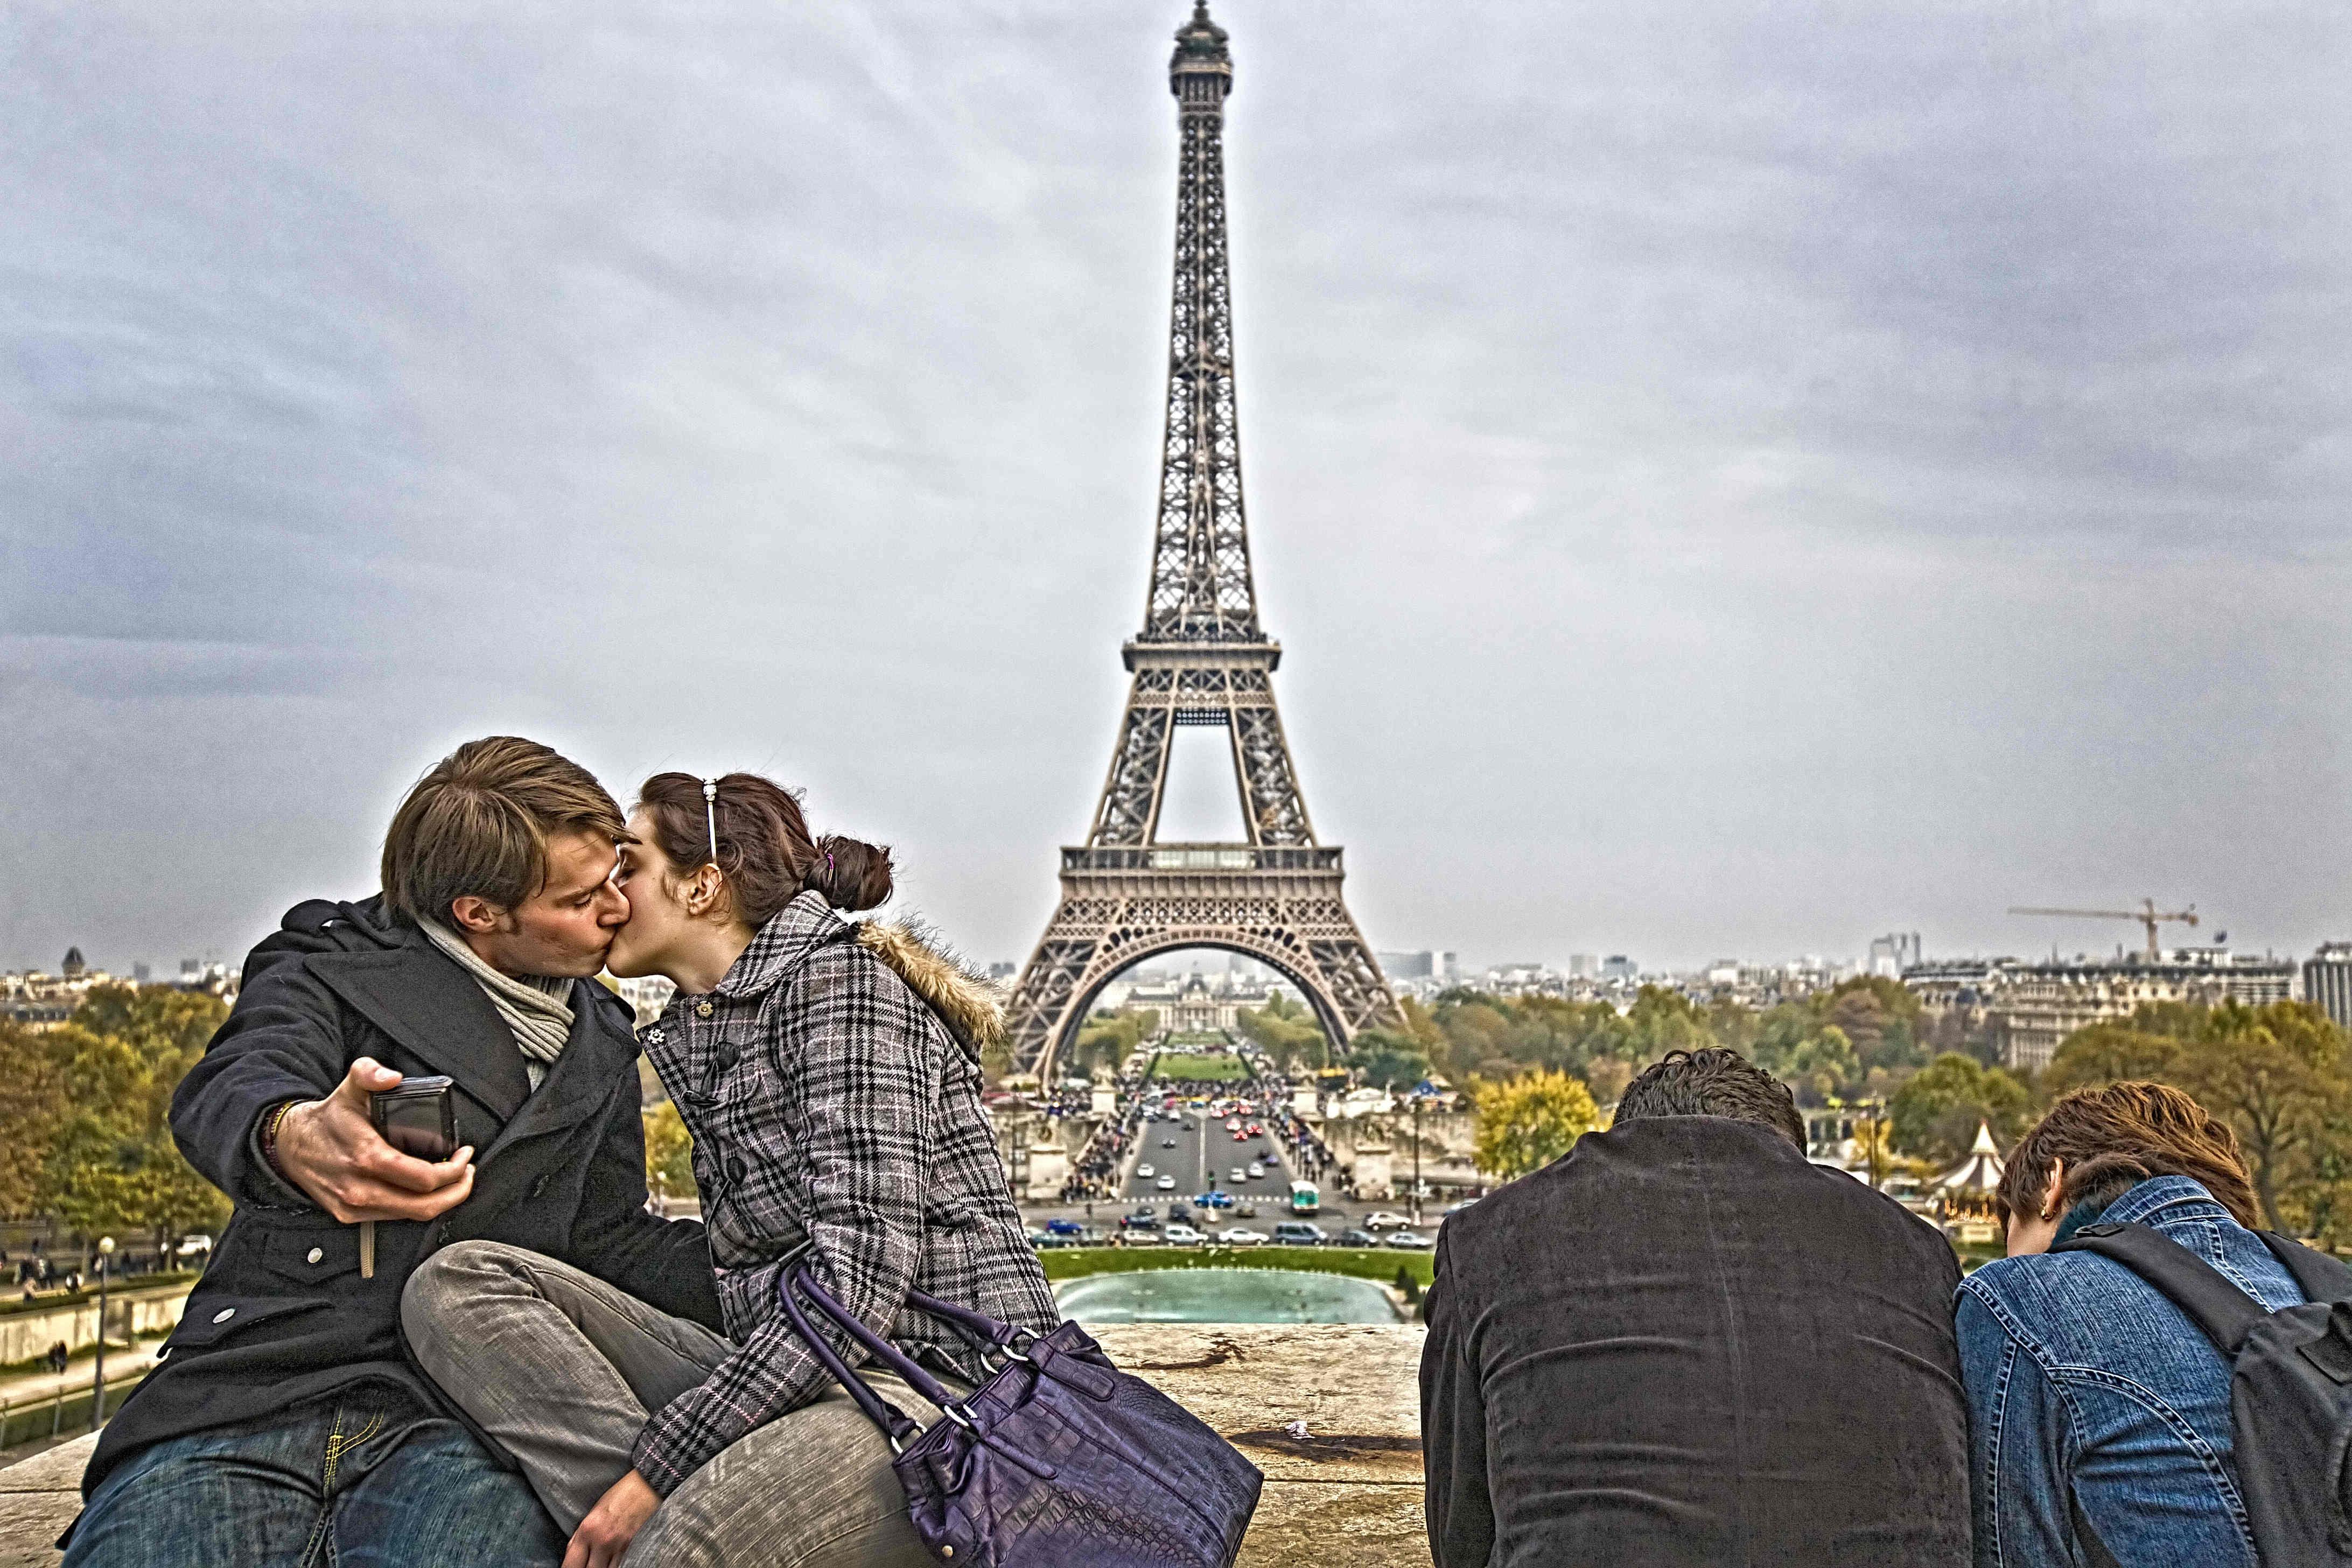 7. kép: A szerelmesek is hozzá tartoznak az Eiffel-toronyhoz, ahogy ma már egy szelfi is elengedhetetlen, ha Párizsban jár az ember.